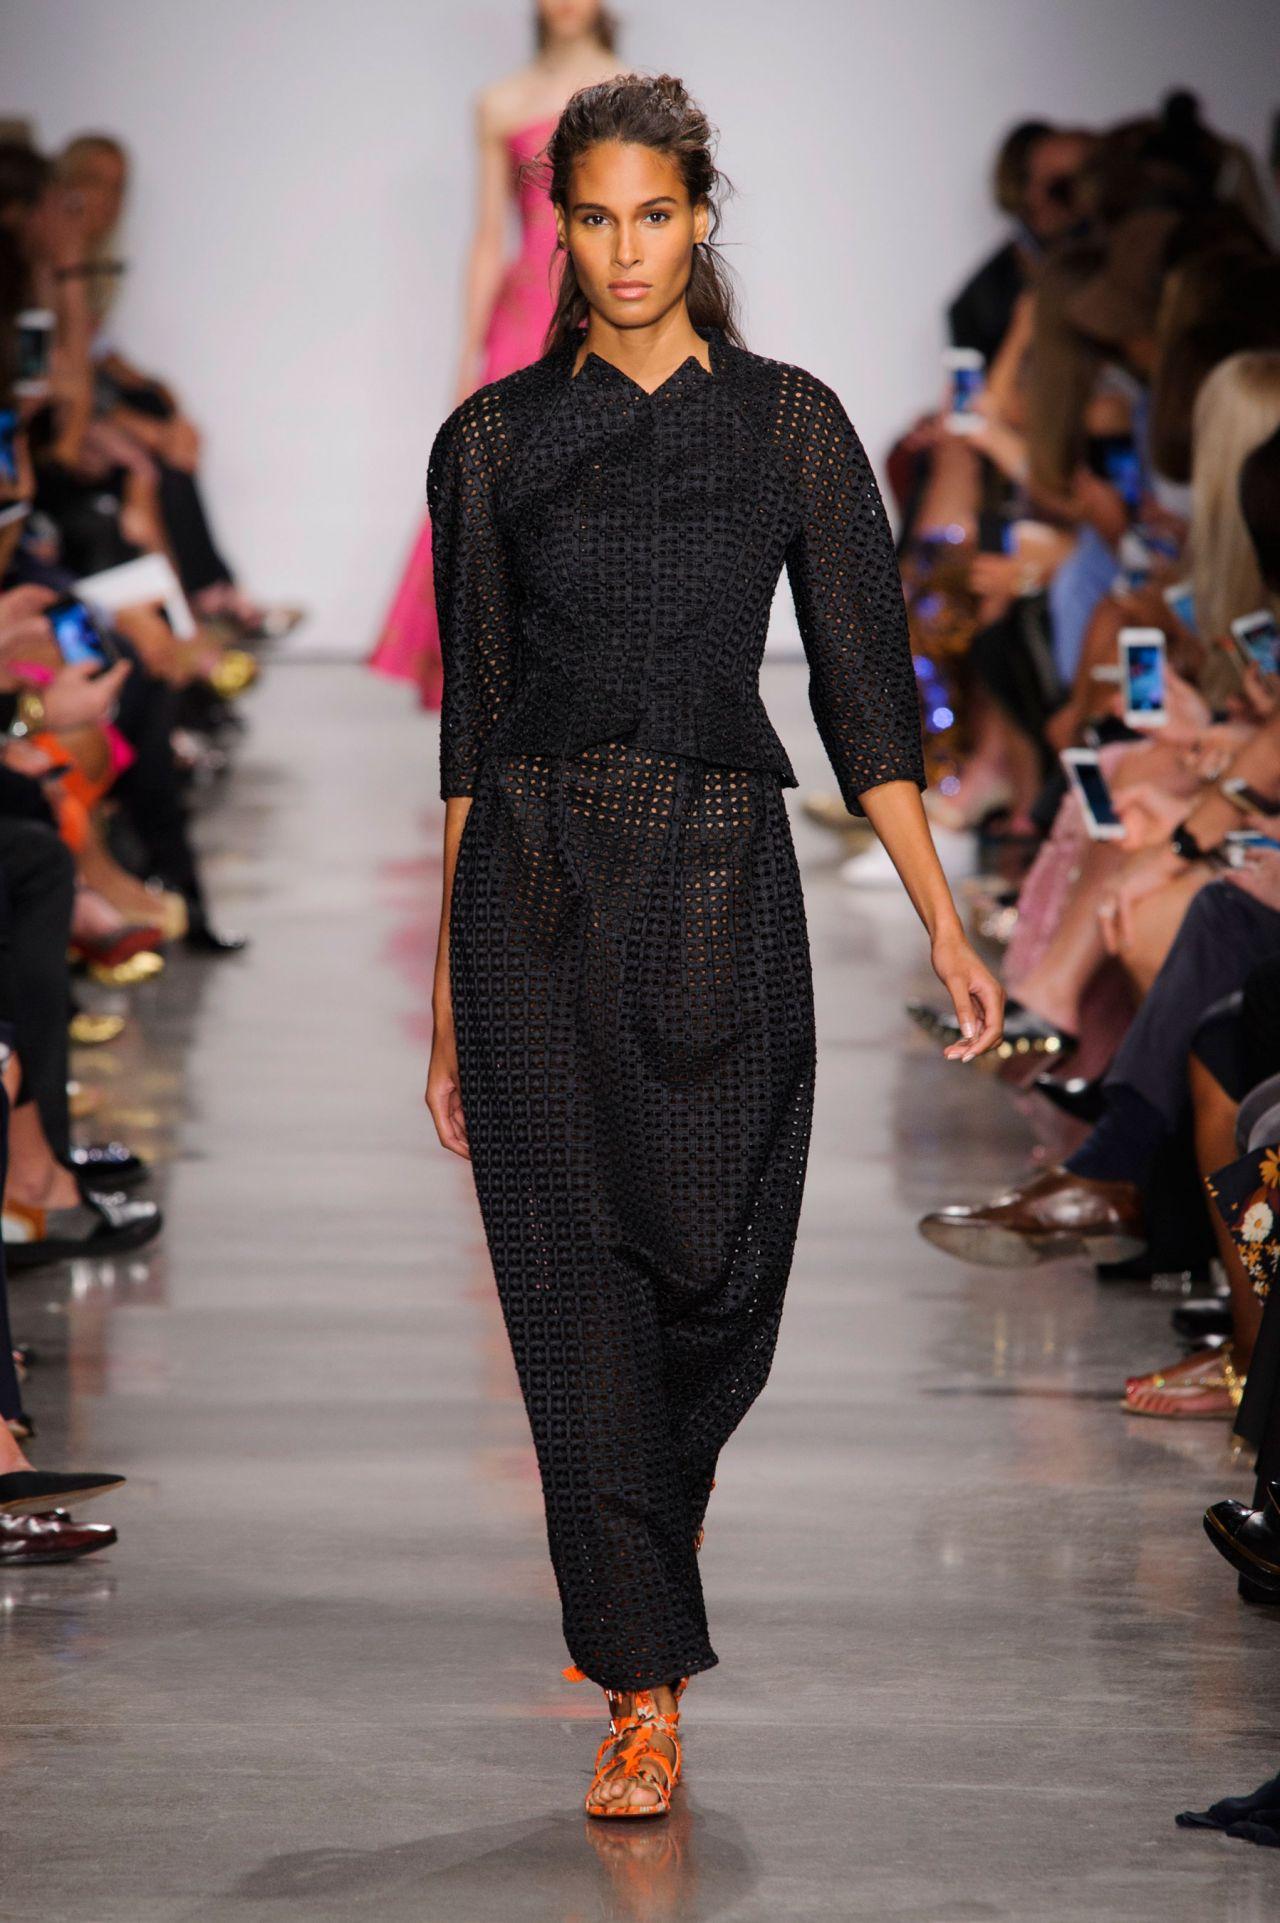 Cindy Bruna Zac Posen Show At Milan Fashion Week